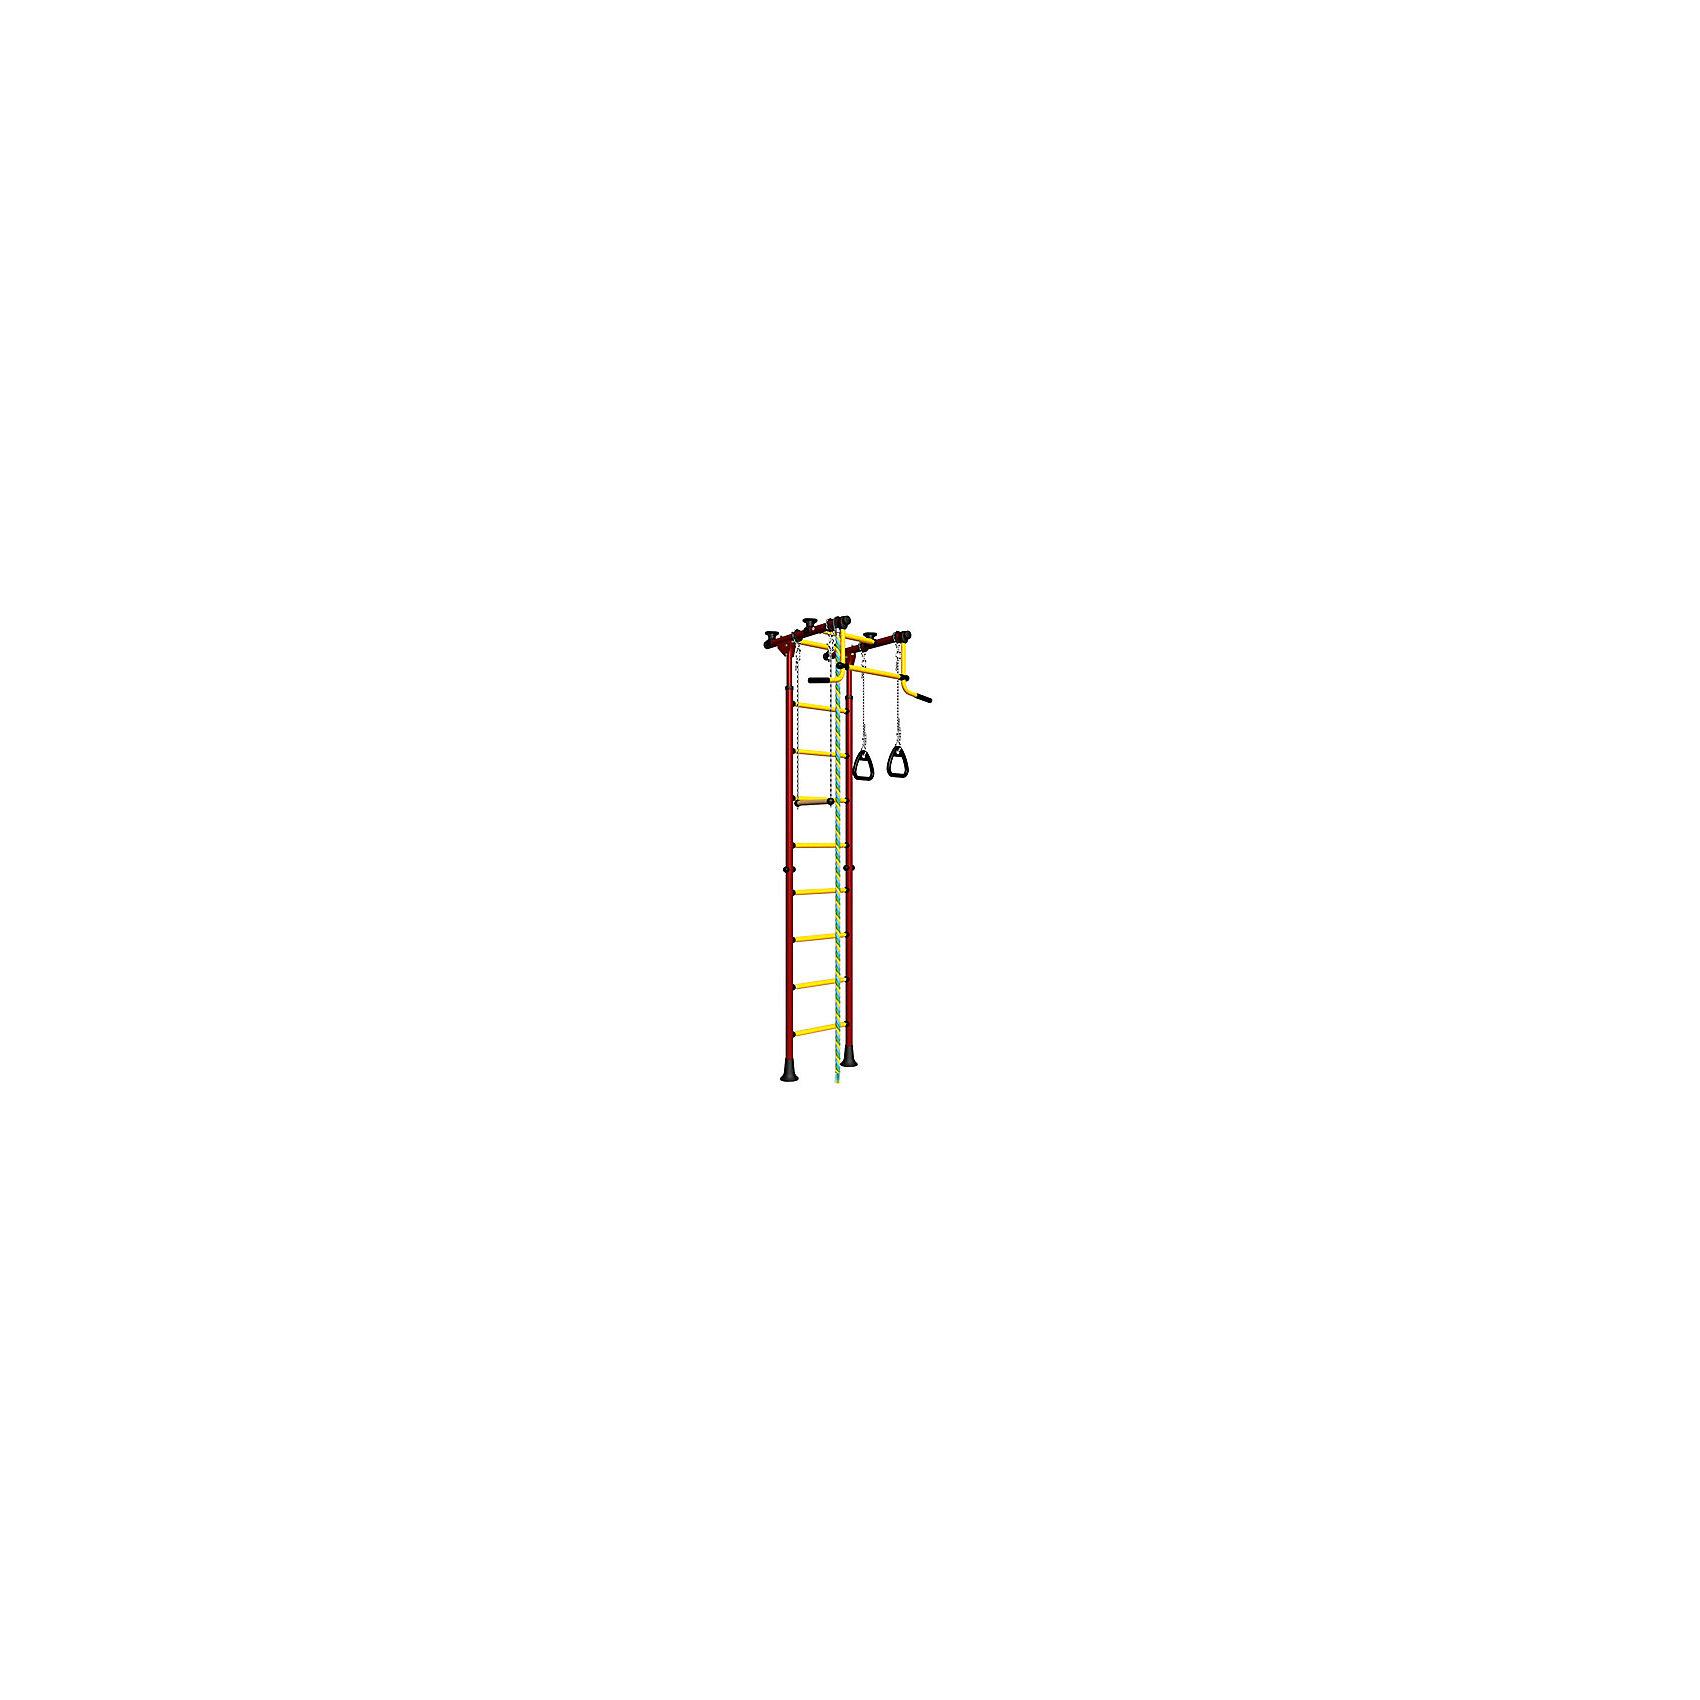 Шведская стенка Комета-2, ROMANA, красный-желтыйШведские стенки<br>Комета-2, ROMANA, красный-желтый<br><br>Характеристики:<br><br>• Высота: 2,18 м<br>• Цвет: красный, желтый<br>• Допустимый вес: 100 кг<br>• Габариты: 86х94,5 см<br>• Материал: металл<br>• Возраст: от 3 лет<br>• Вес комплекса: 28 кг<br>• Высота стоек: 235-273 см<br>• Ширина ступенек: 49 см<br>• Ширина захвата турника: 84 см<br><br>Детский спортивный комплекс Комета-2 – поможет ребенку вырасти здоровым и крепким. Комплекс включает в себя турник, шведскую стенку, канат, подвесную перекладину и гимнастические кольца. Это все способствует развитию всех групп мышц. Выполнено все из качественного и прочного металла. Стенку легко установить враспор между потолком и полом, и не нужно сверлить стену. Турник не регулируется по высоте. Перекладины с анти-скользящим покрытием, ступени не охлаждаются.<br><br>Комета-2, ROMANA, красный-желтый можно купить в нашем интернет-магазине.<br><br>Ширина мм: 1160<br>Глубина мм: 535<br>Высота мм: 140<br>Вес г: 27000<br>Возраст от месяцев: 36<br>Возраст до месяцев: 192<br>Пол: Унисекс<br>Возраст: Детский<br>SKU: 4993365